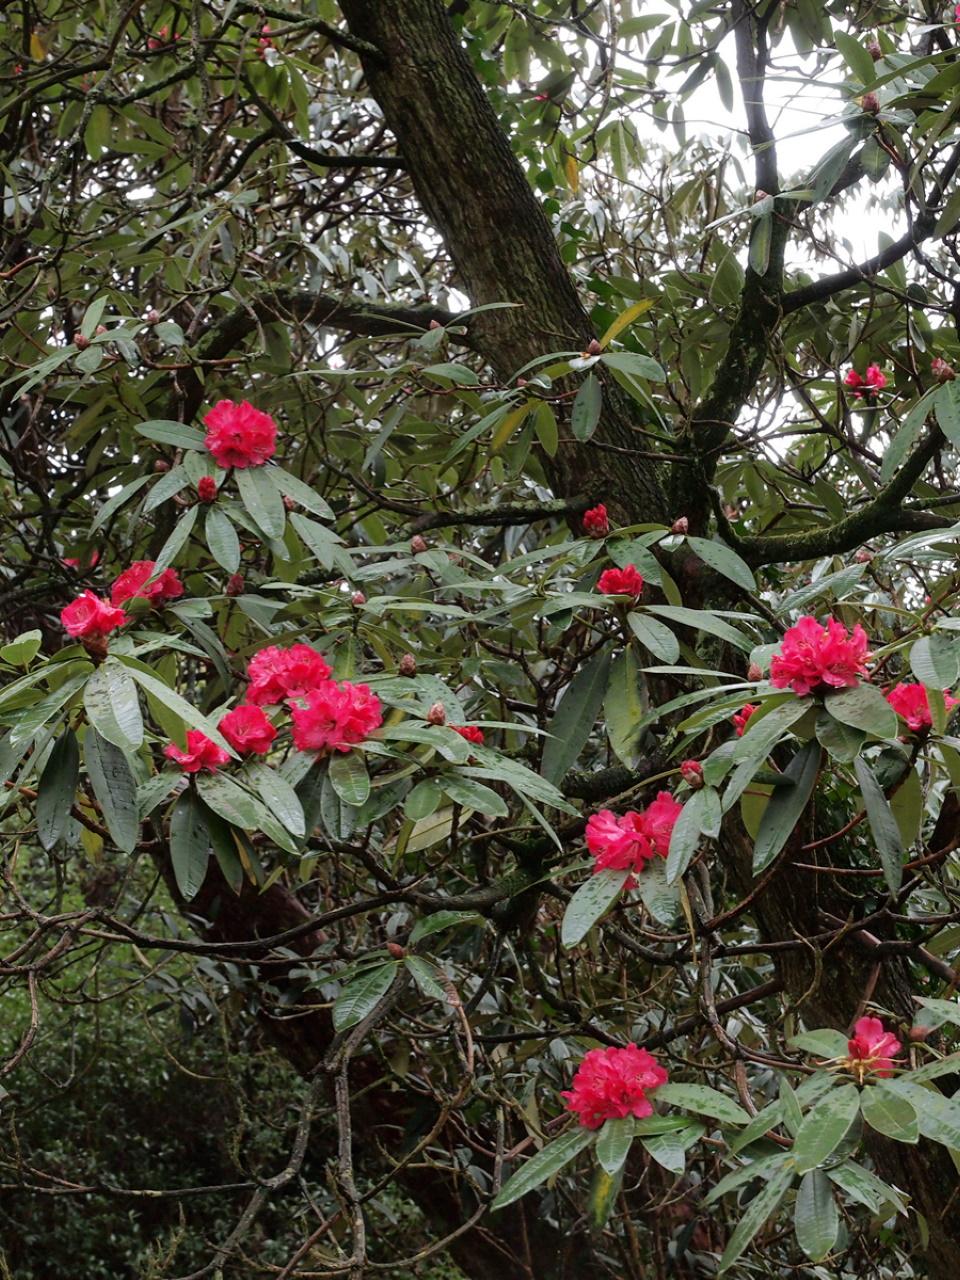 Rhododendron arboreum subsp. delavayi